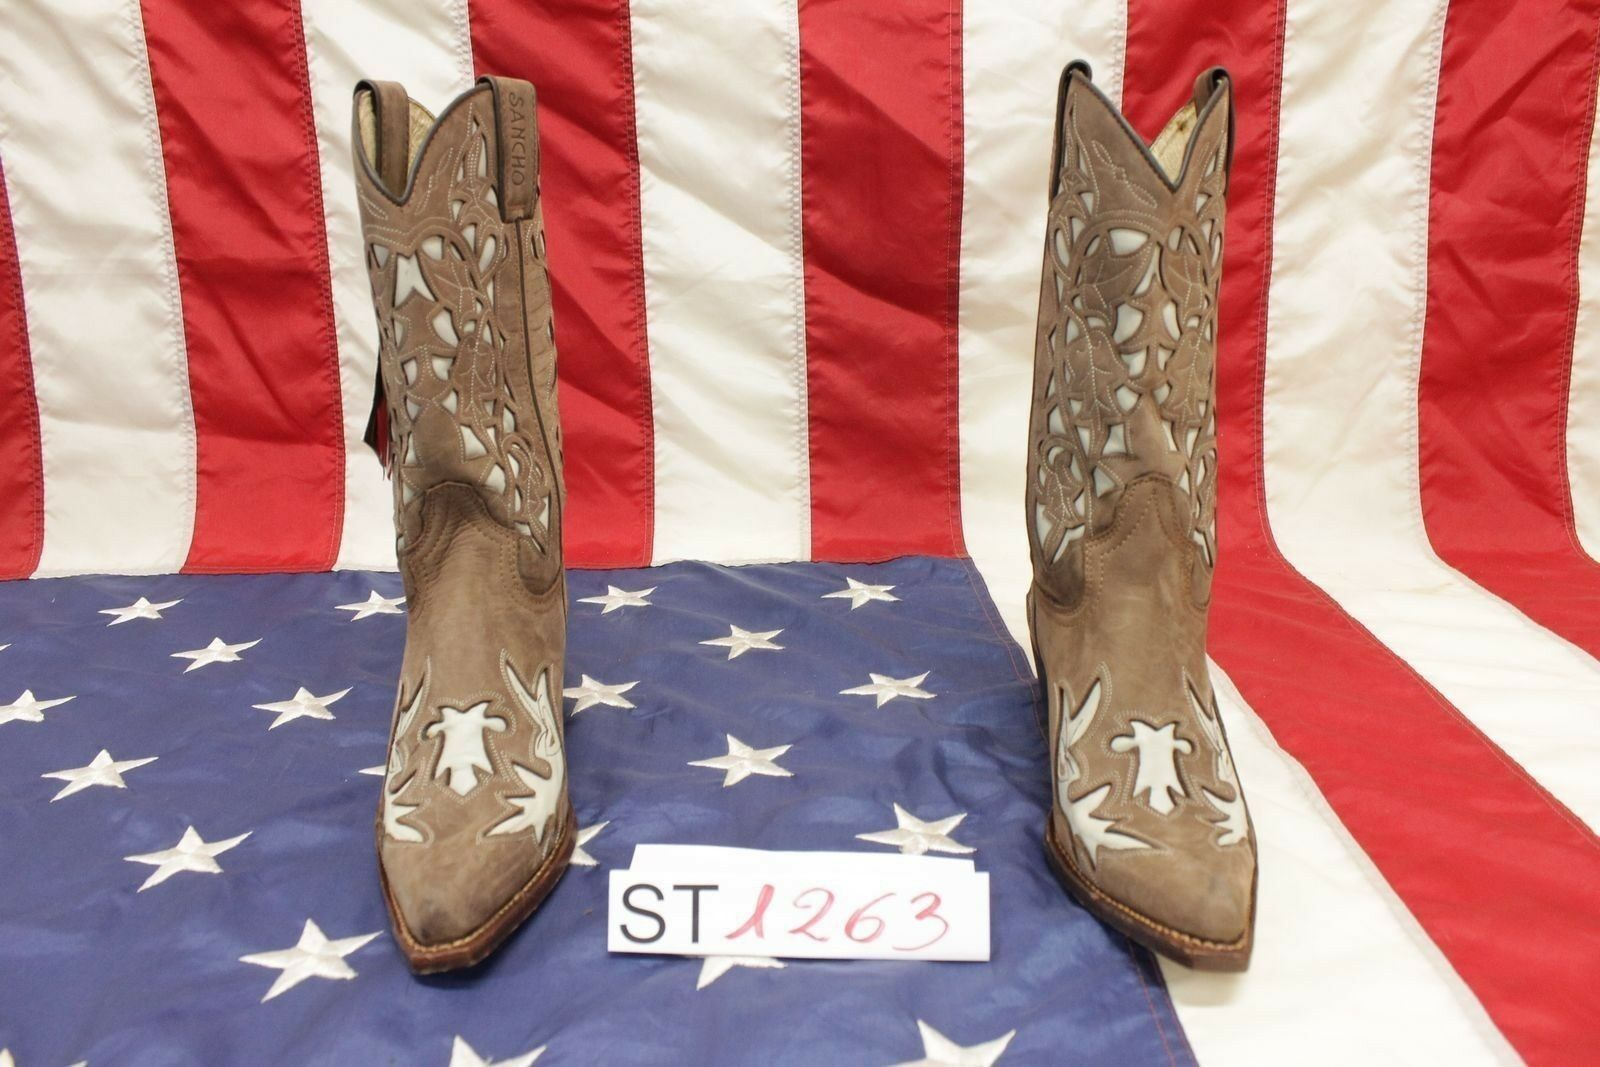 consegna rapida Stivali Stivali Stivali stivali Sancho (Cod.ST1263) N.37 cowboy camperos western donna  risparmiare sulla liquidazione